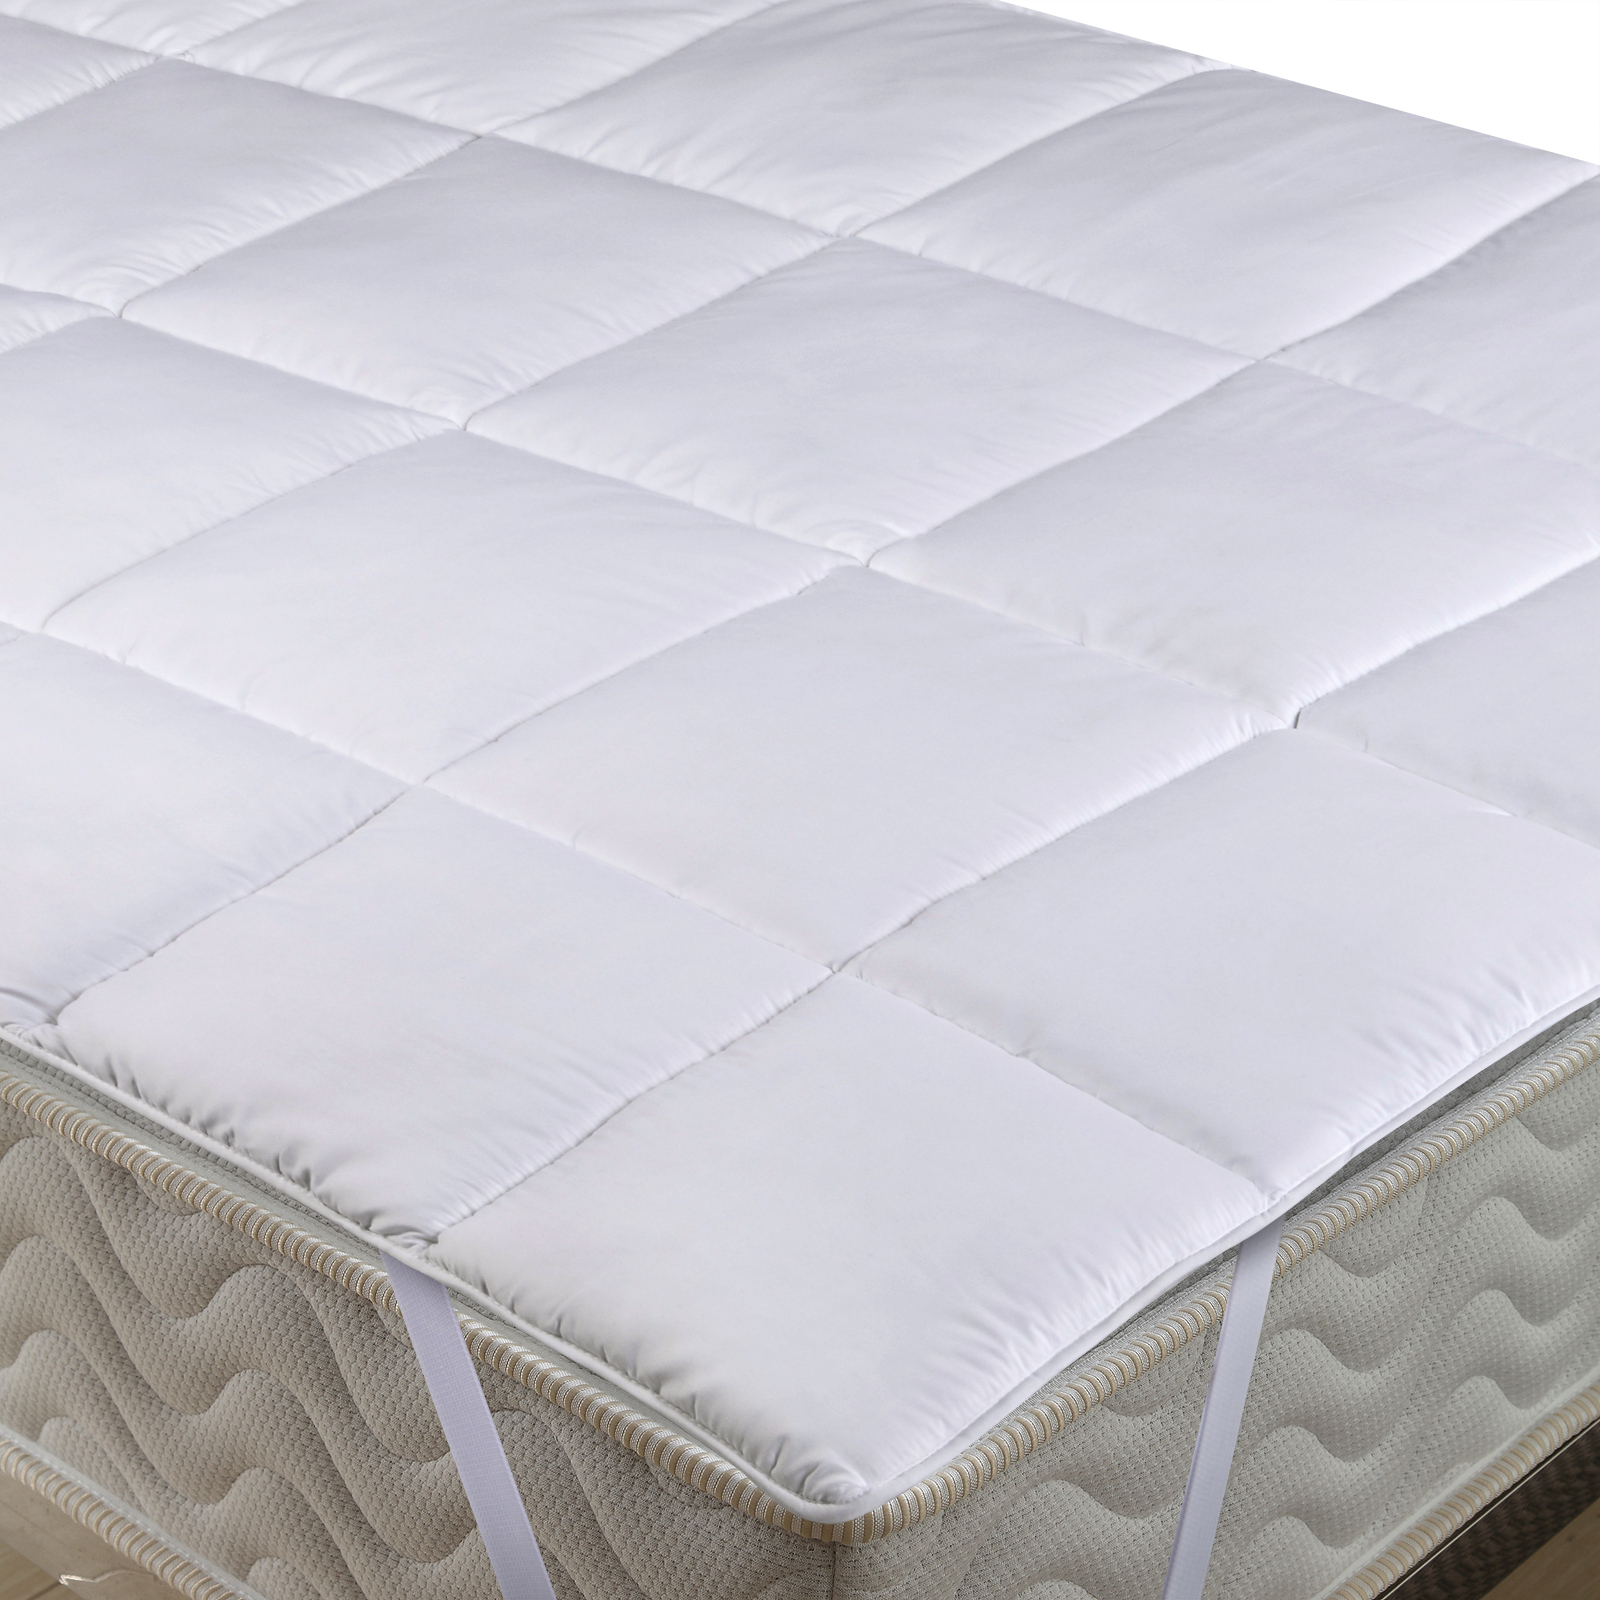 Merino Schafschurwolle Lammflor Matratzenauflage Topper Unterbett Bettauflage